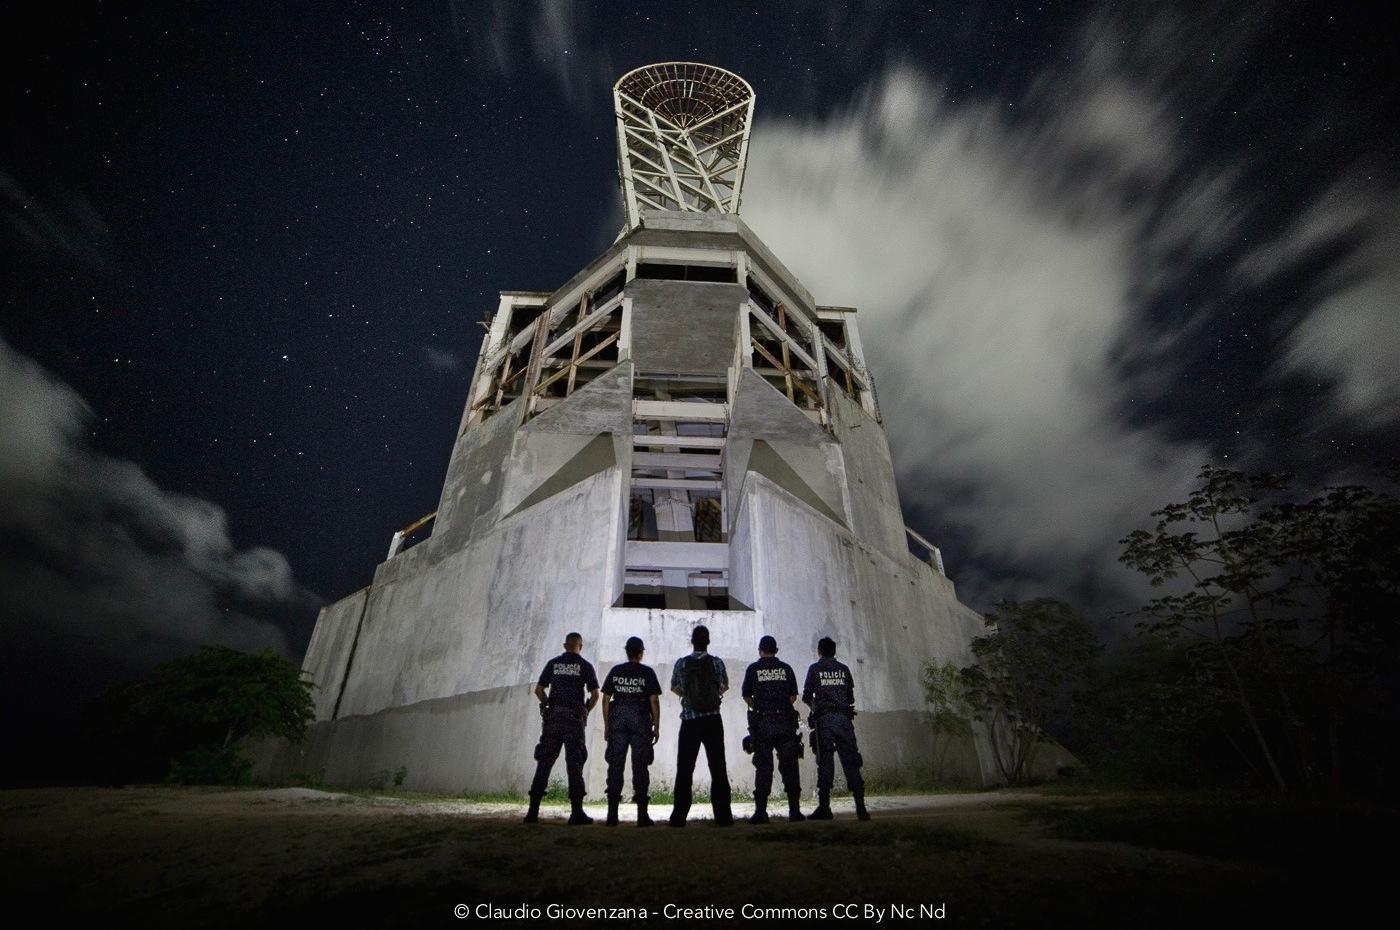 Foto notturna con polizia dentro un monumento abbandonato in Messico